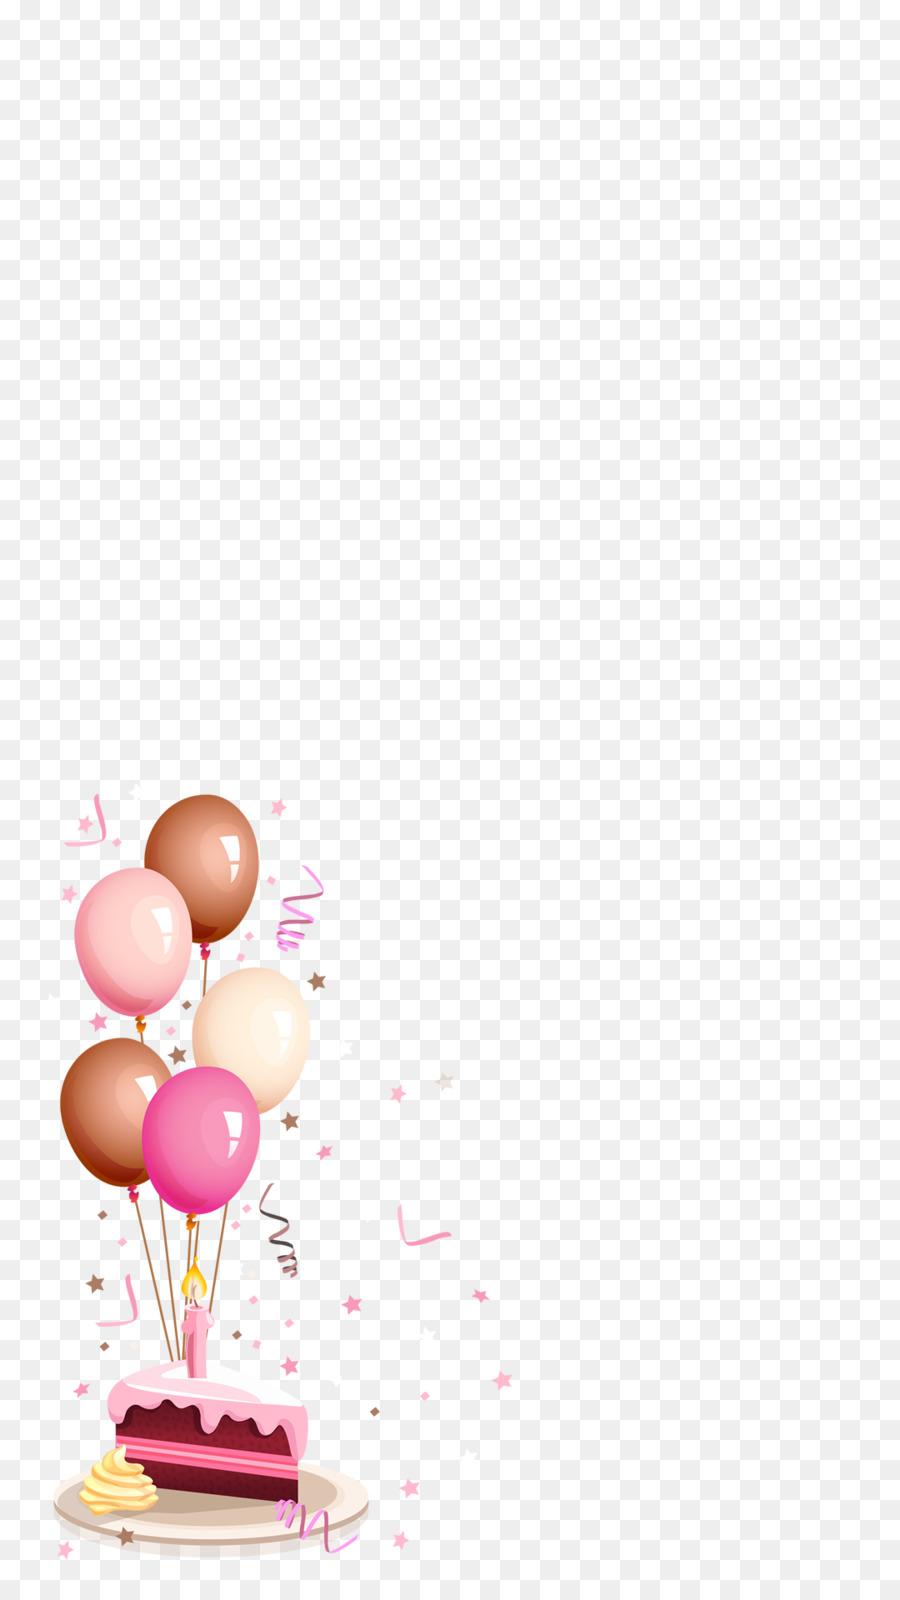 Descarga gratuita de Pastel De Cumpleaños, Cumpleaños, Tarjetas De Felicitación Imágen de Png